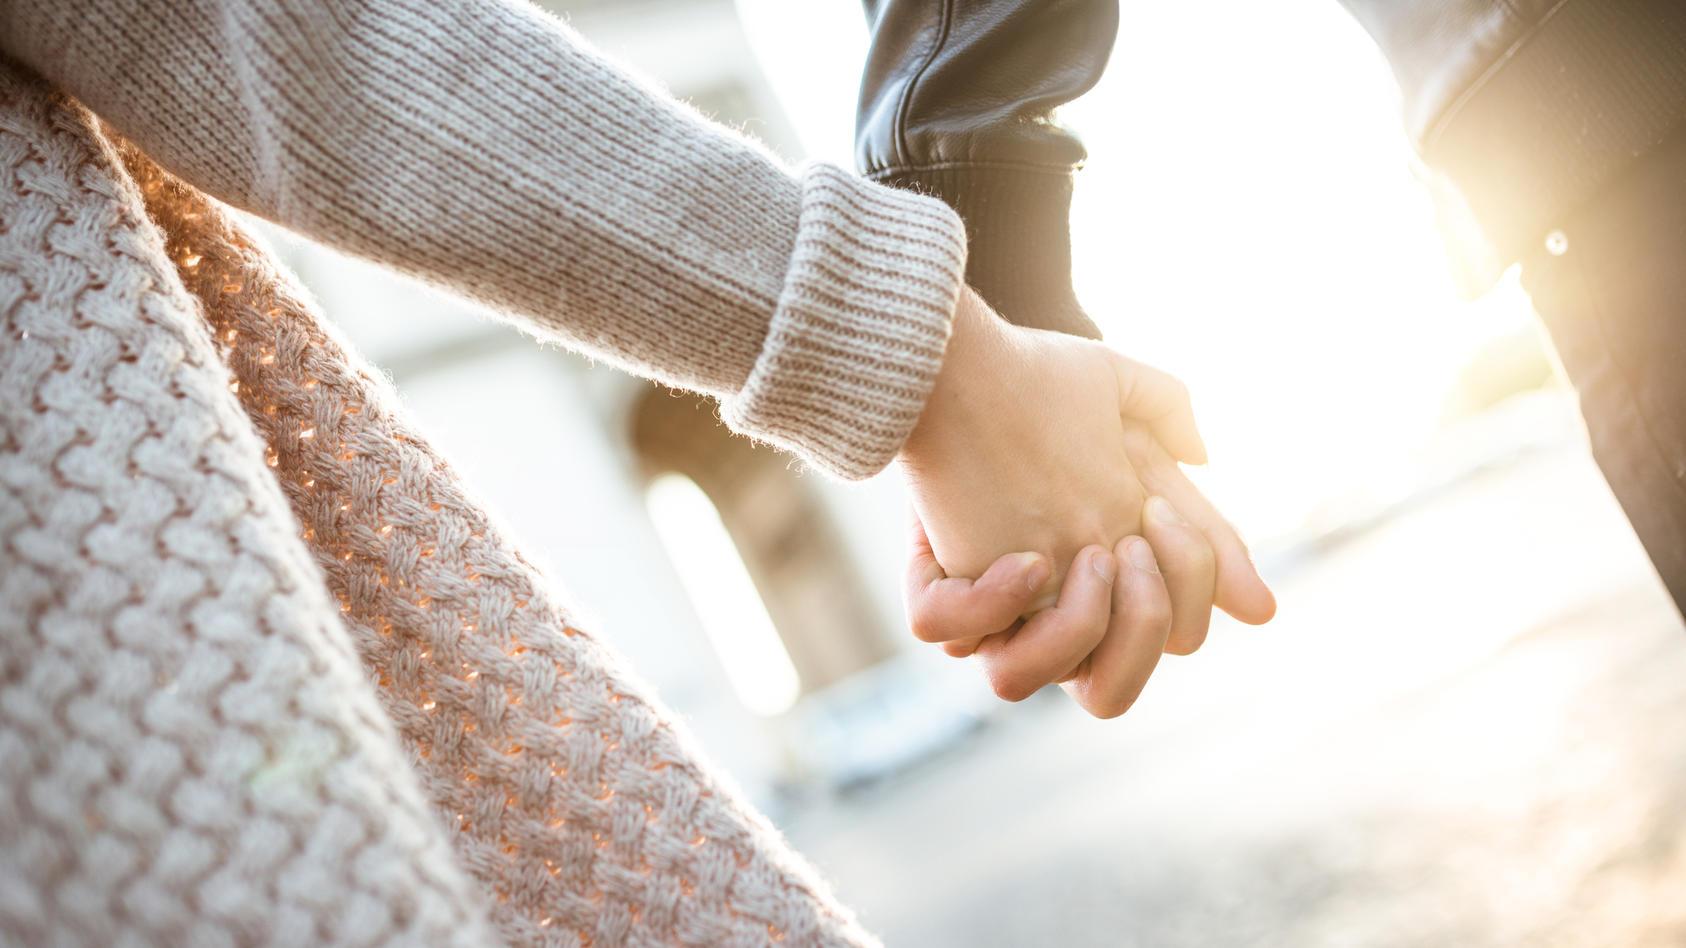 Machen Sie den Test und finden Sie heraus, welcher Beziehungstyp Sie sind.